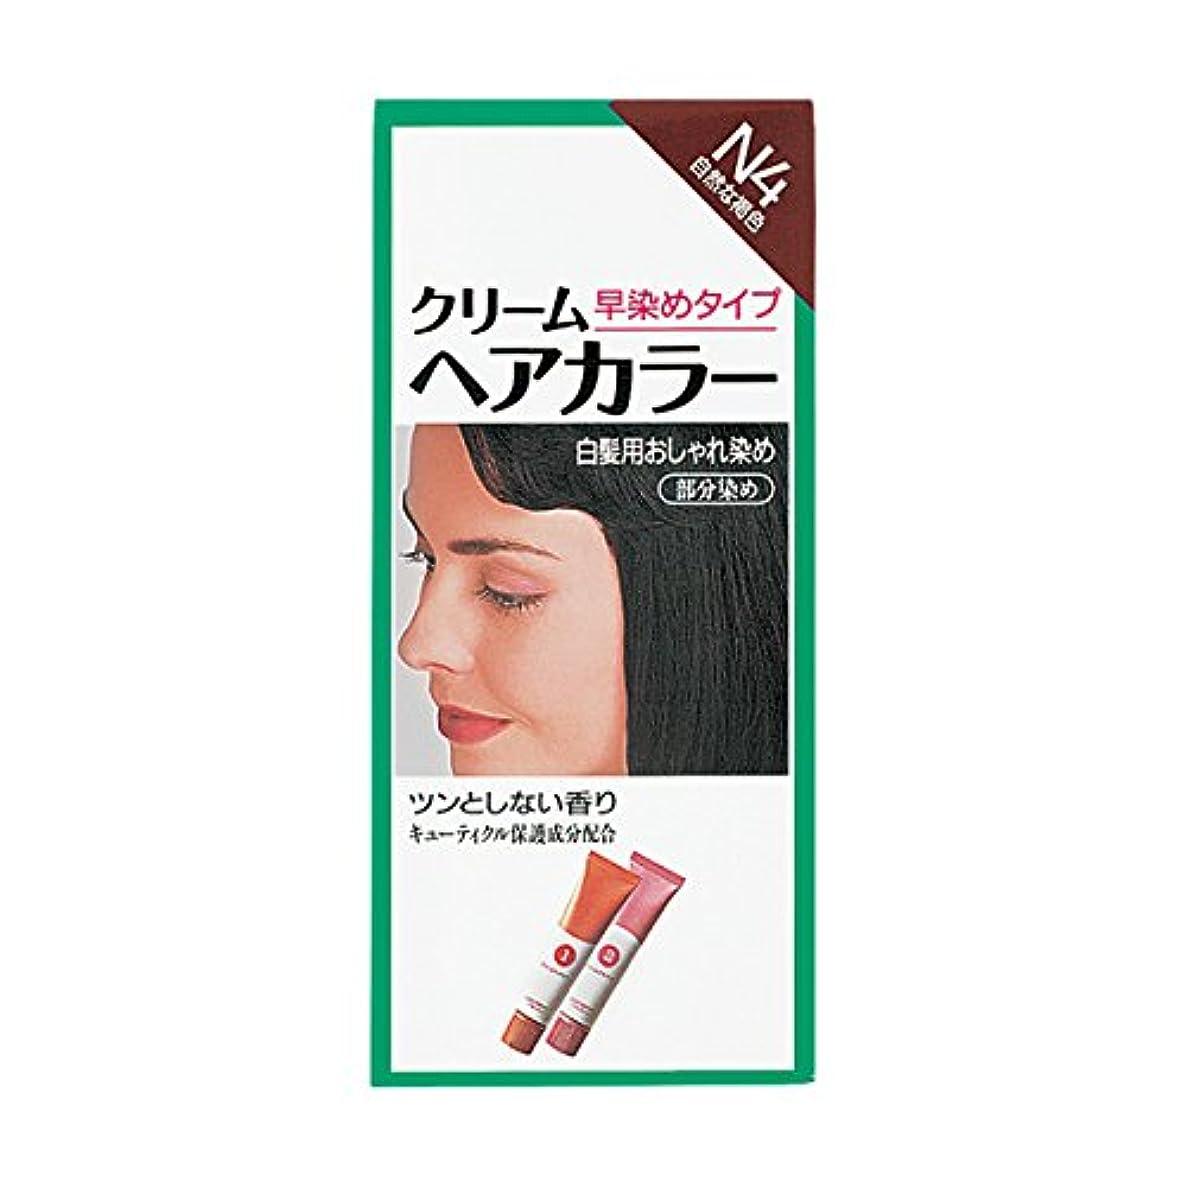 麻酔薬開梱位置するヘアカラー クリームヘアカラーN N4 【医薬部外品】